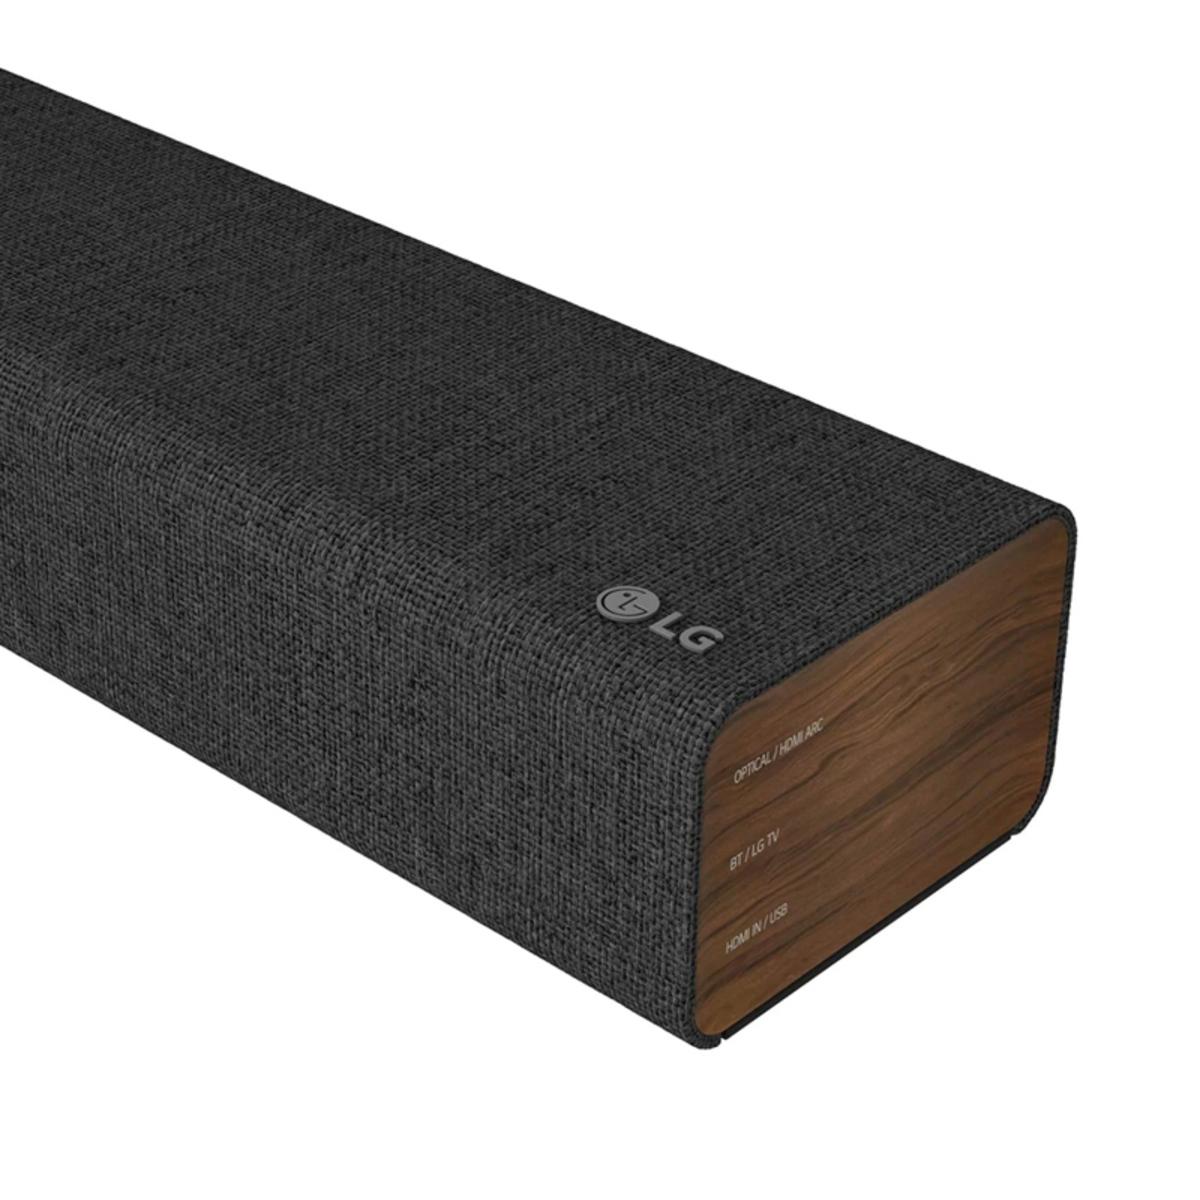 LG SP2 2.1 100W All in One Soundbar System